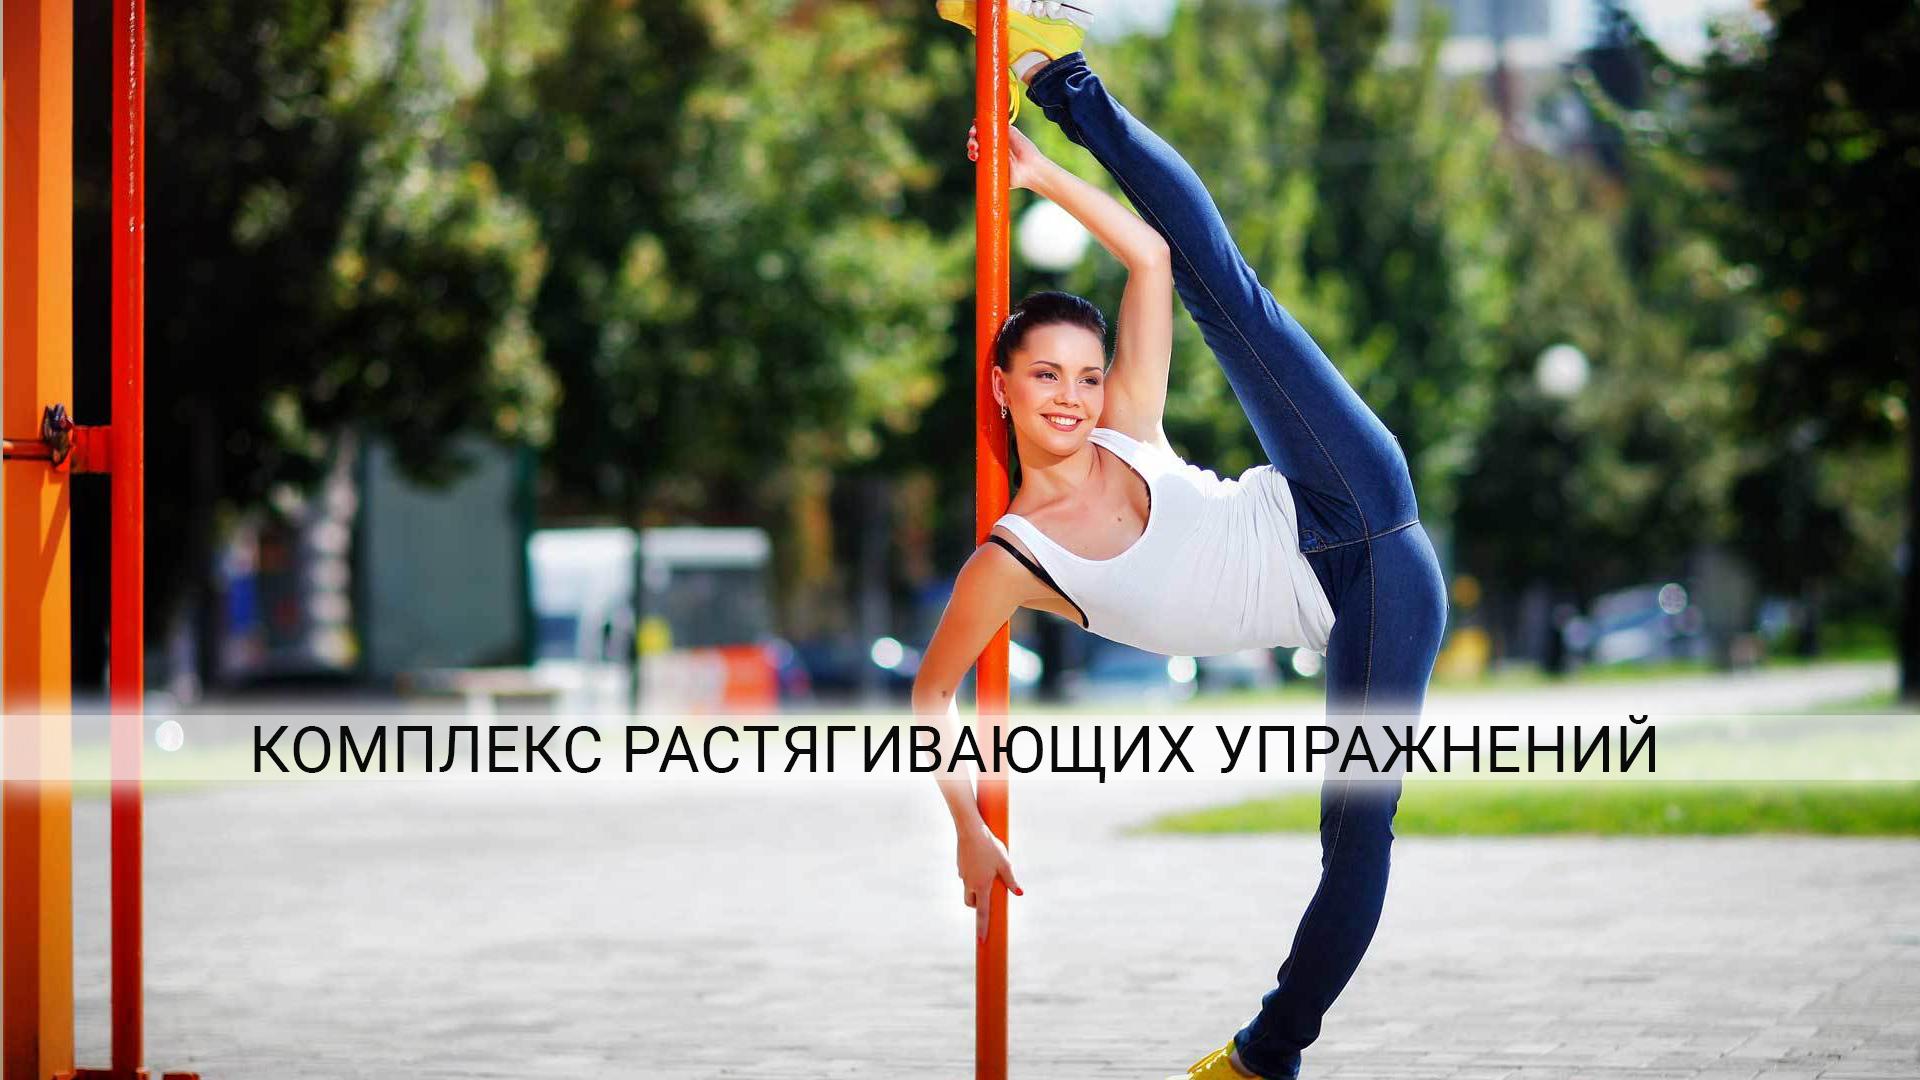 Упражнения на расстяжку